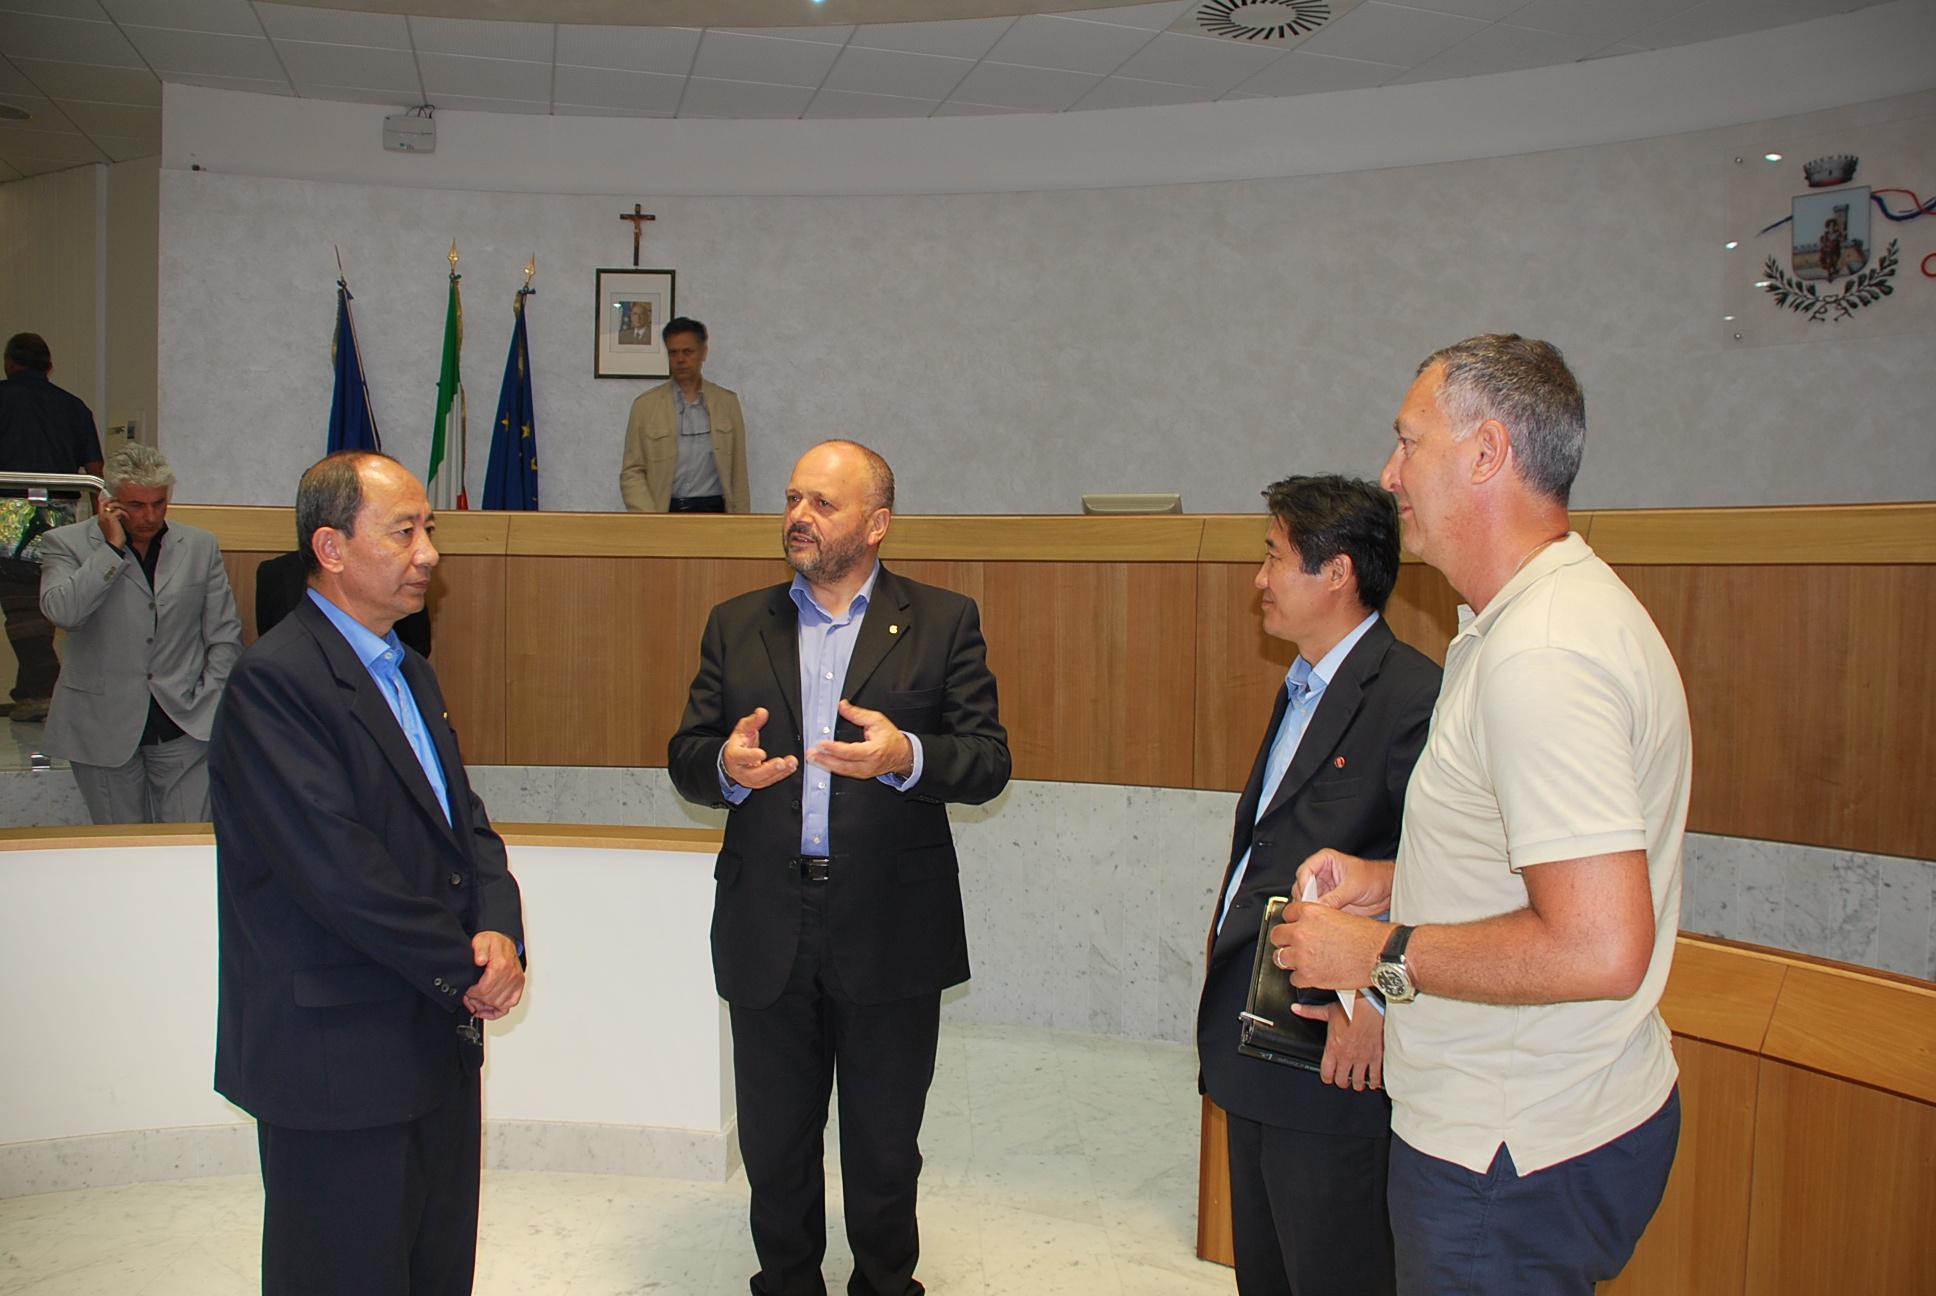 Gaspari e Calvaresi con l'ambasciatore nordcoreano